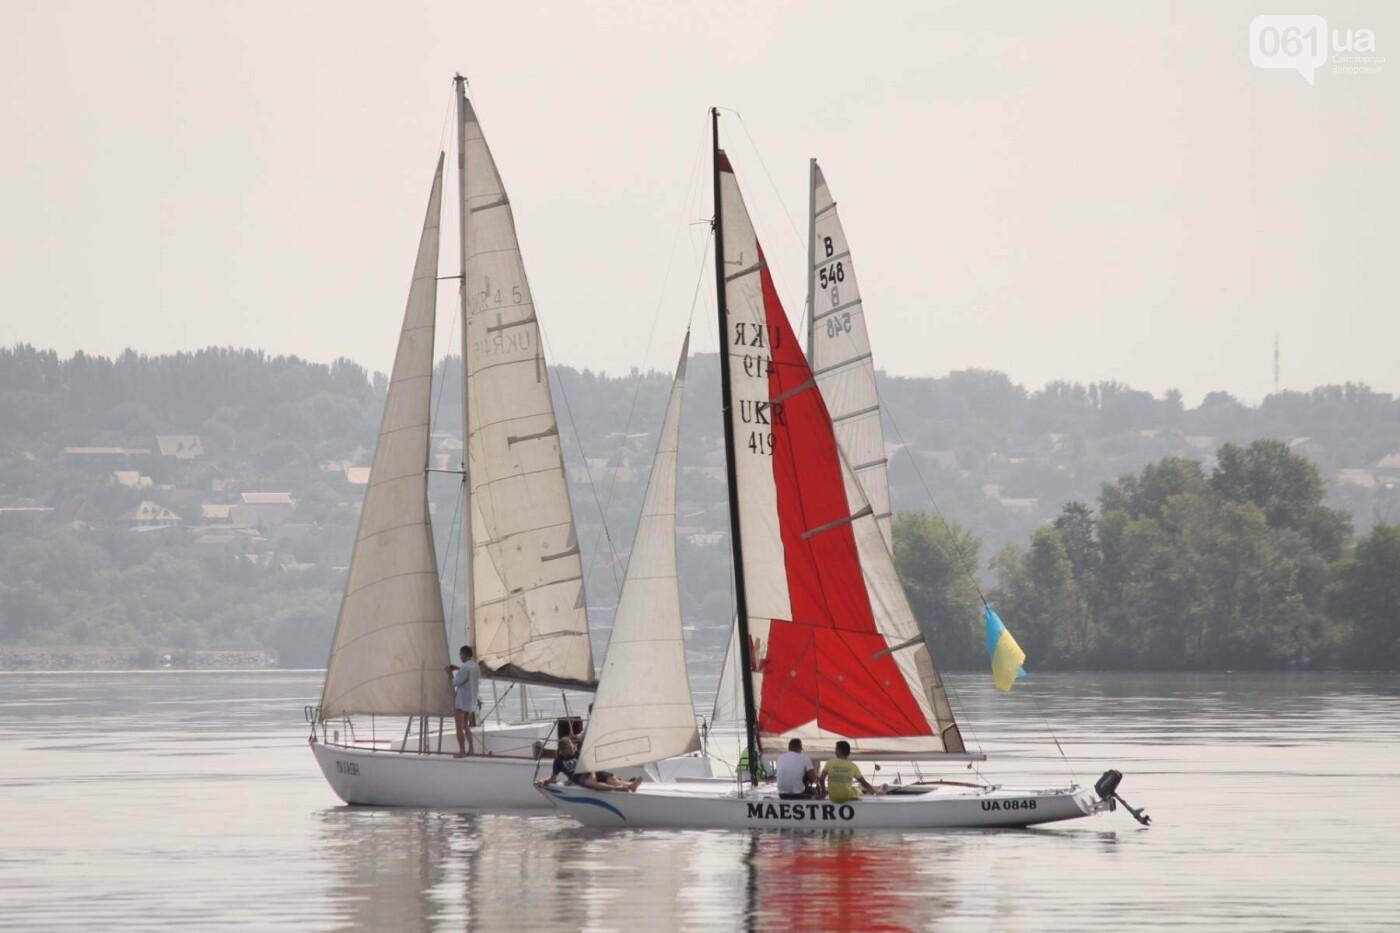 Сотни спортсменов и десятки яхт: как в Запорожье проходит парусная регата, – ФОТОРЕПОРТАЖ, фото-8